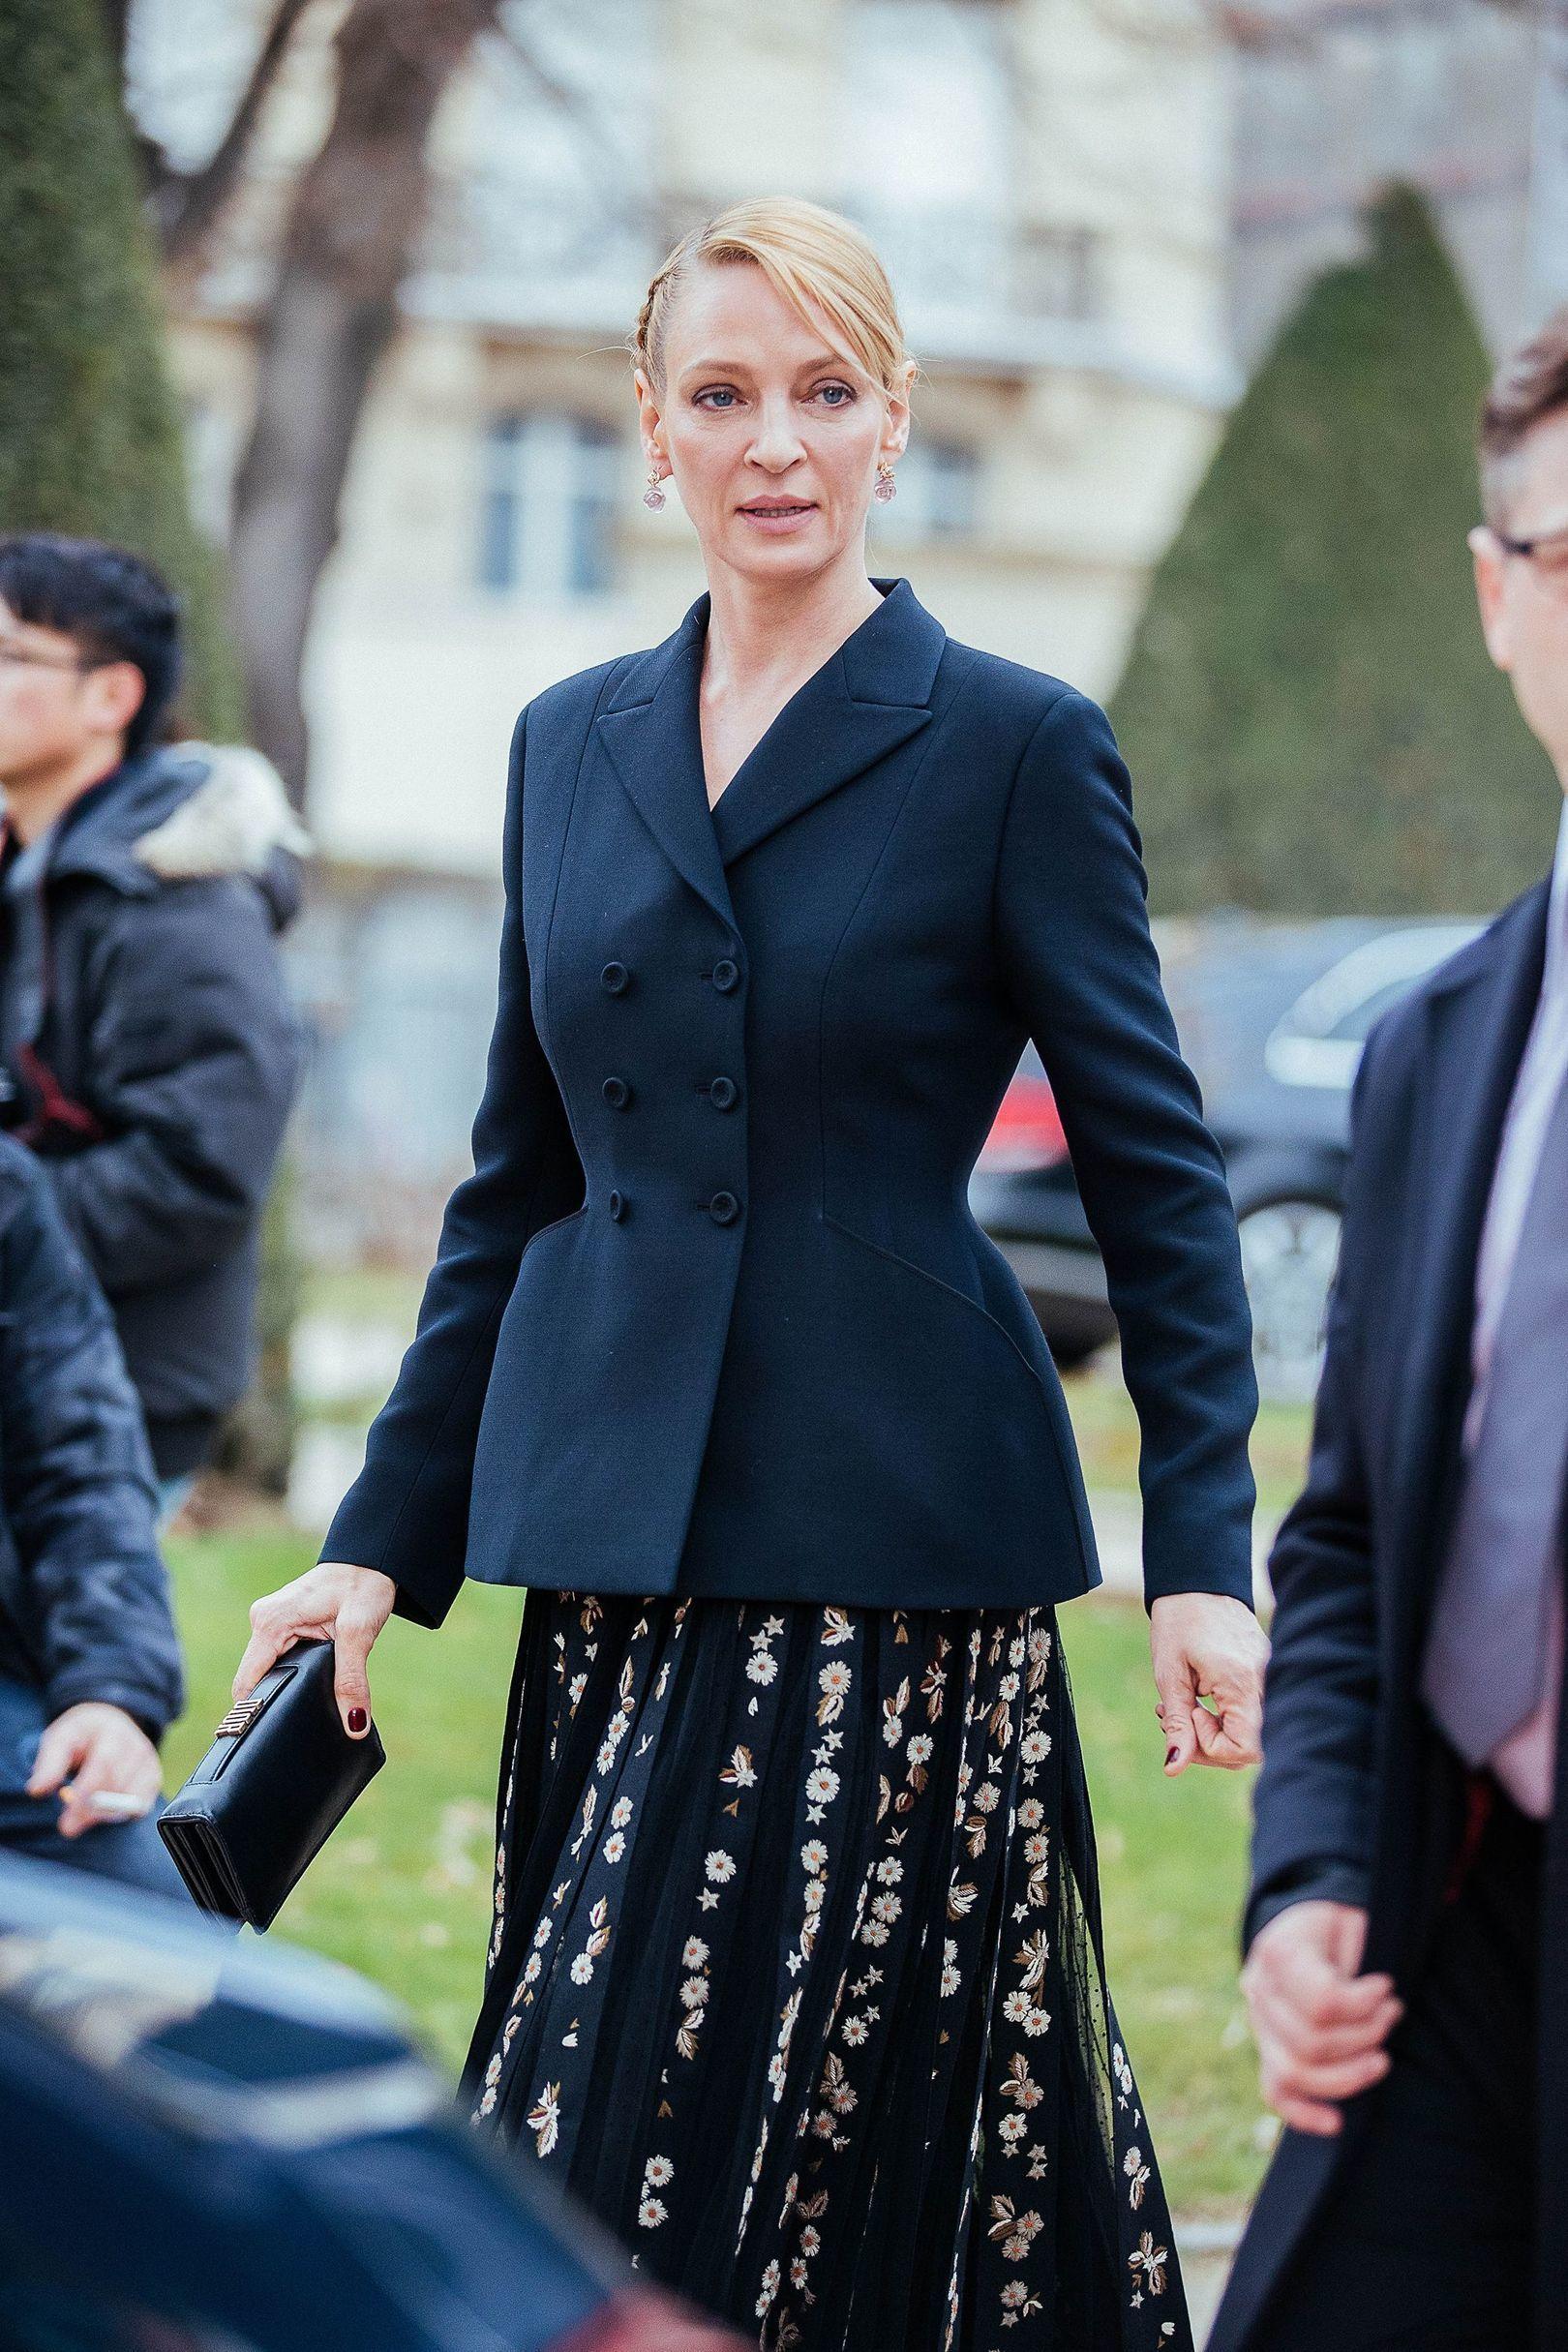 f28b8c9f8738 Come indossare un vestito longuette in tulle ricamato nero (2 foto ...